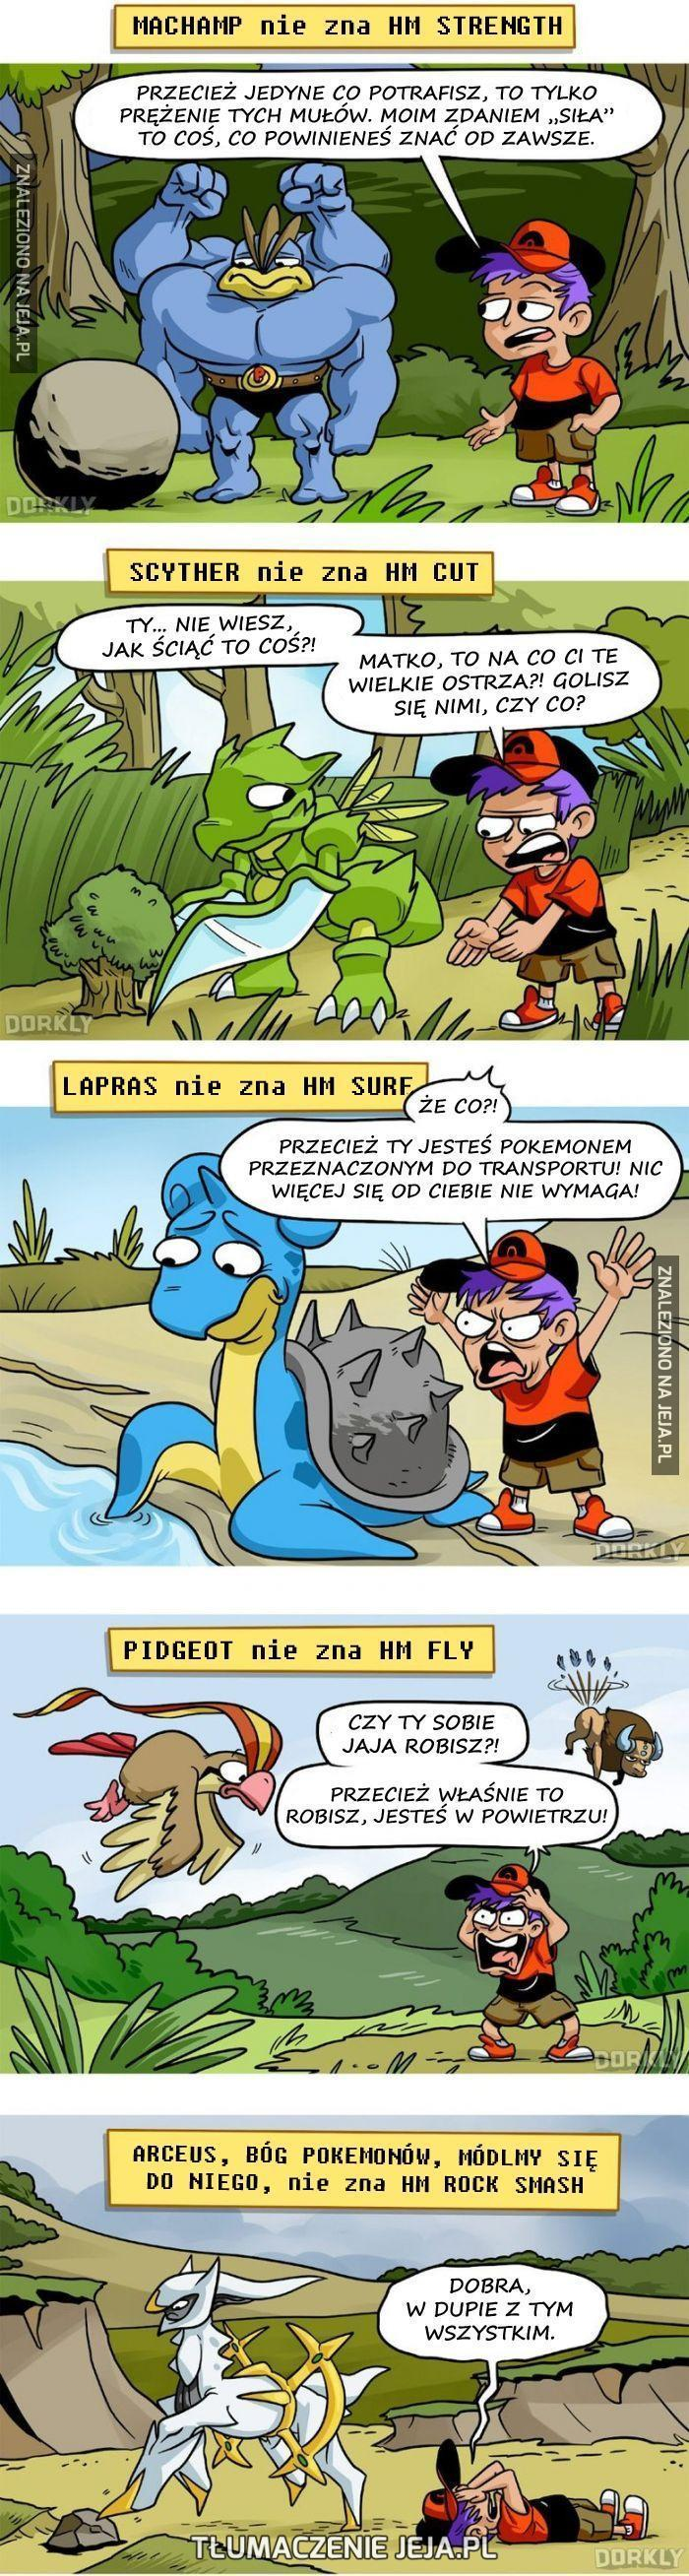 Każdy Pokemon jakiś wybrakowany